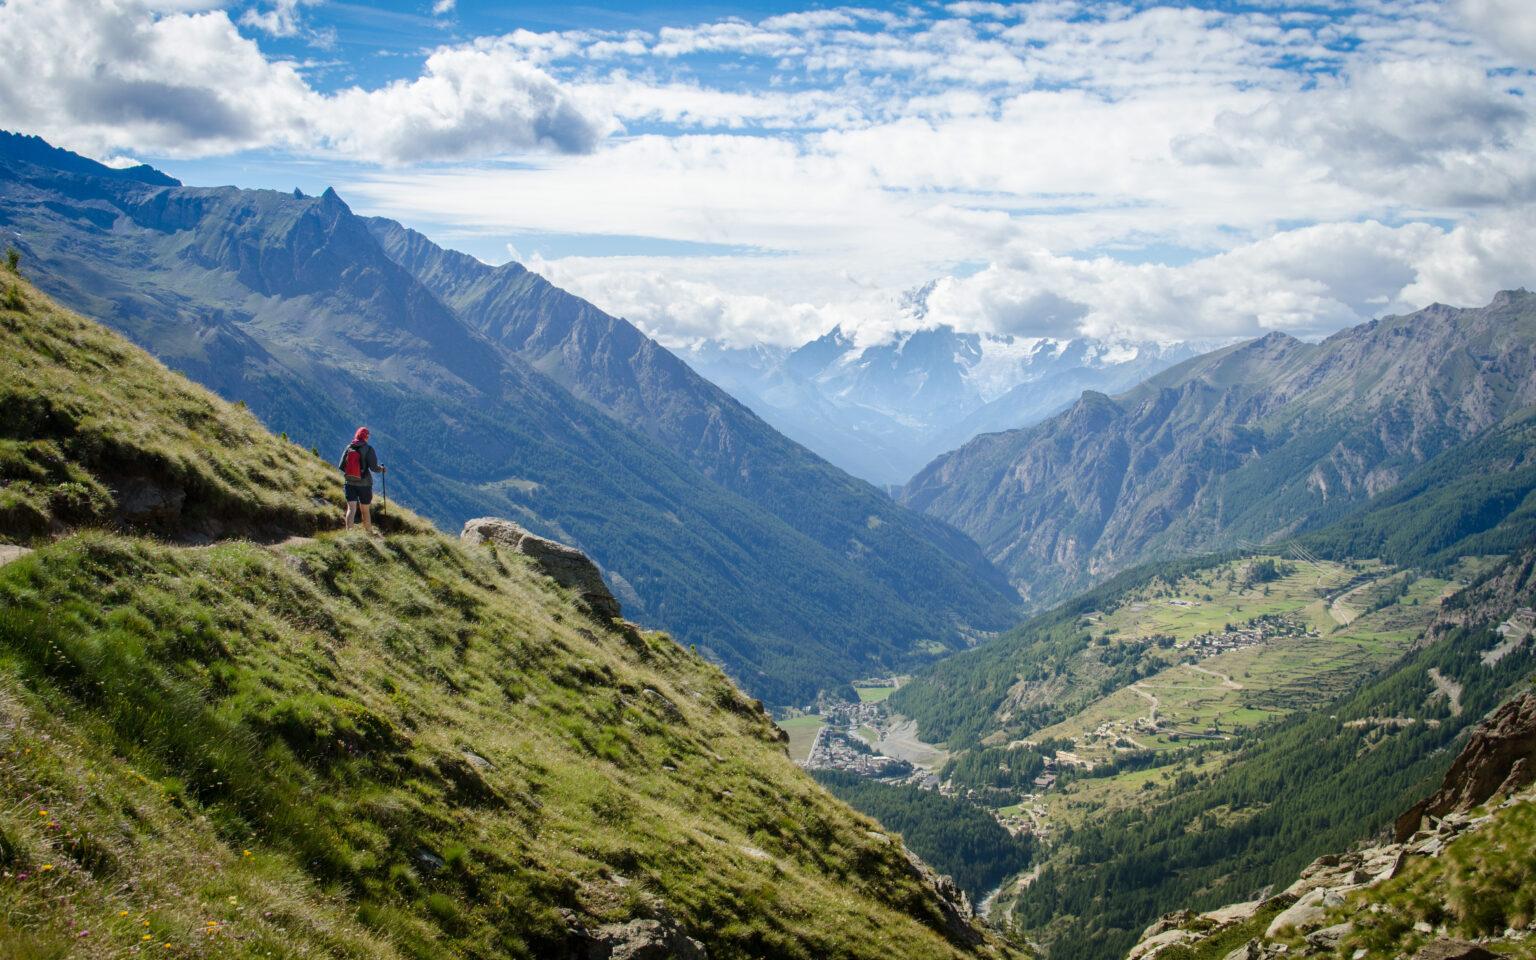 Turystka na szlaku we włoskich Alpach